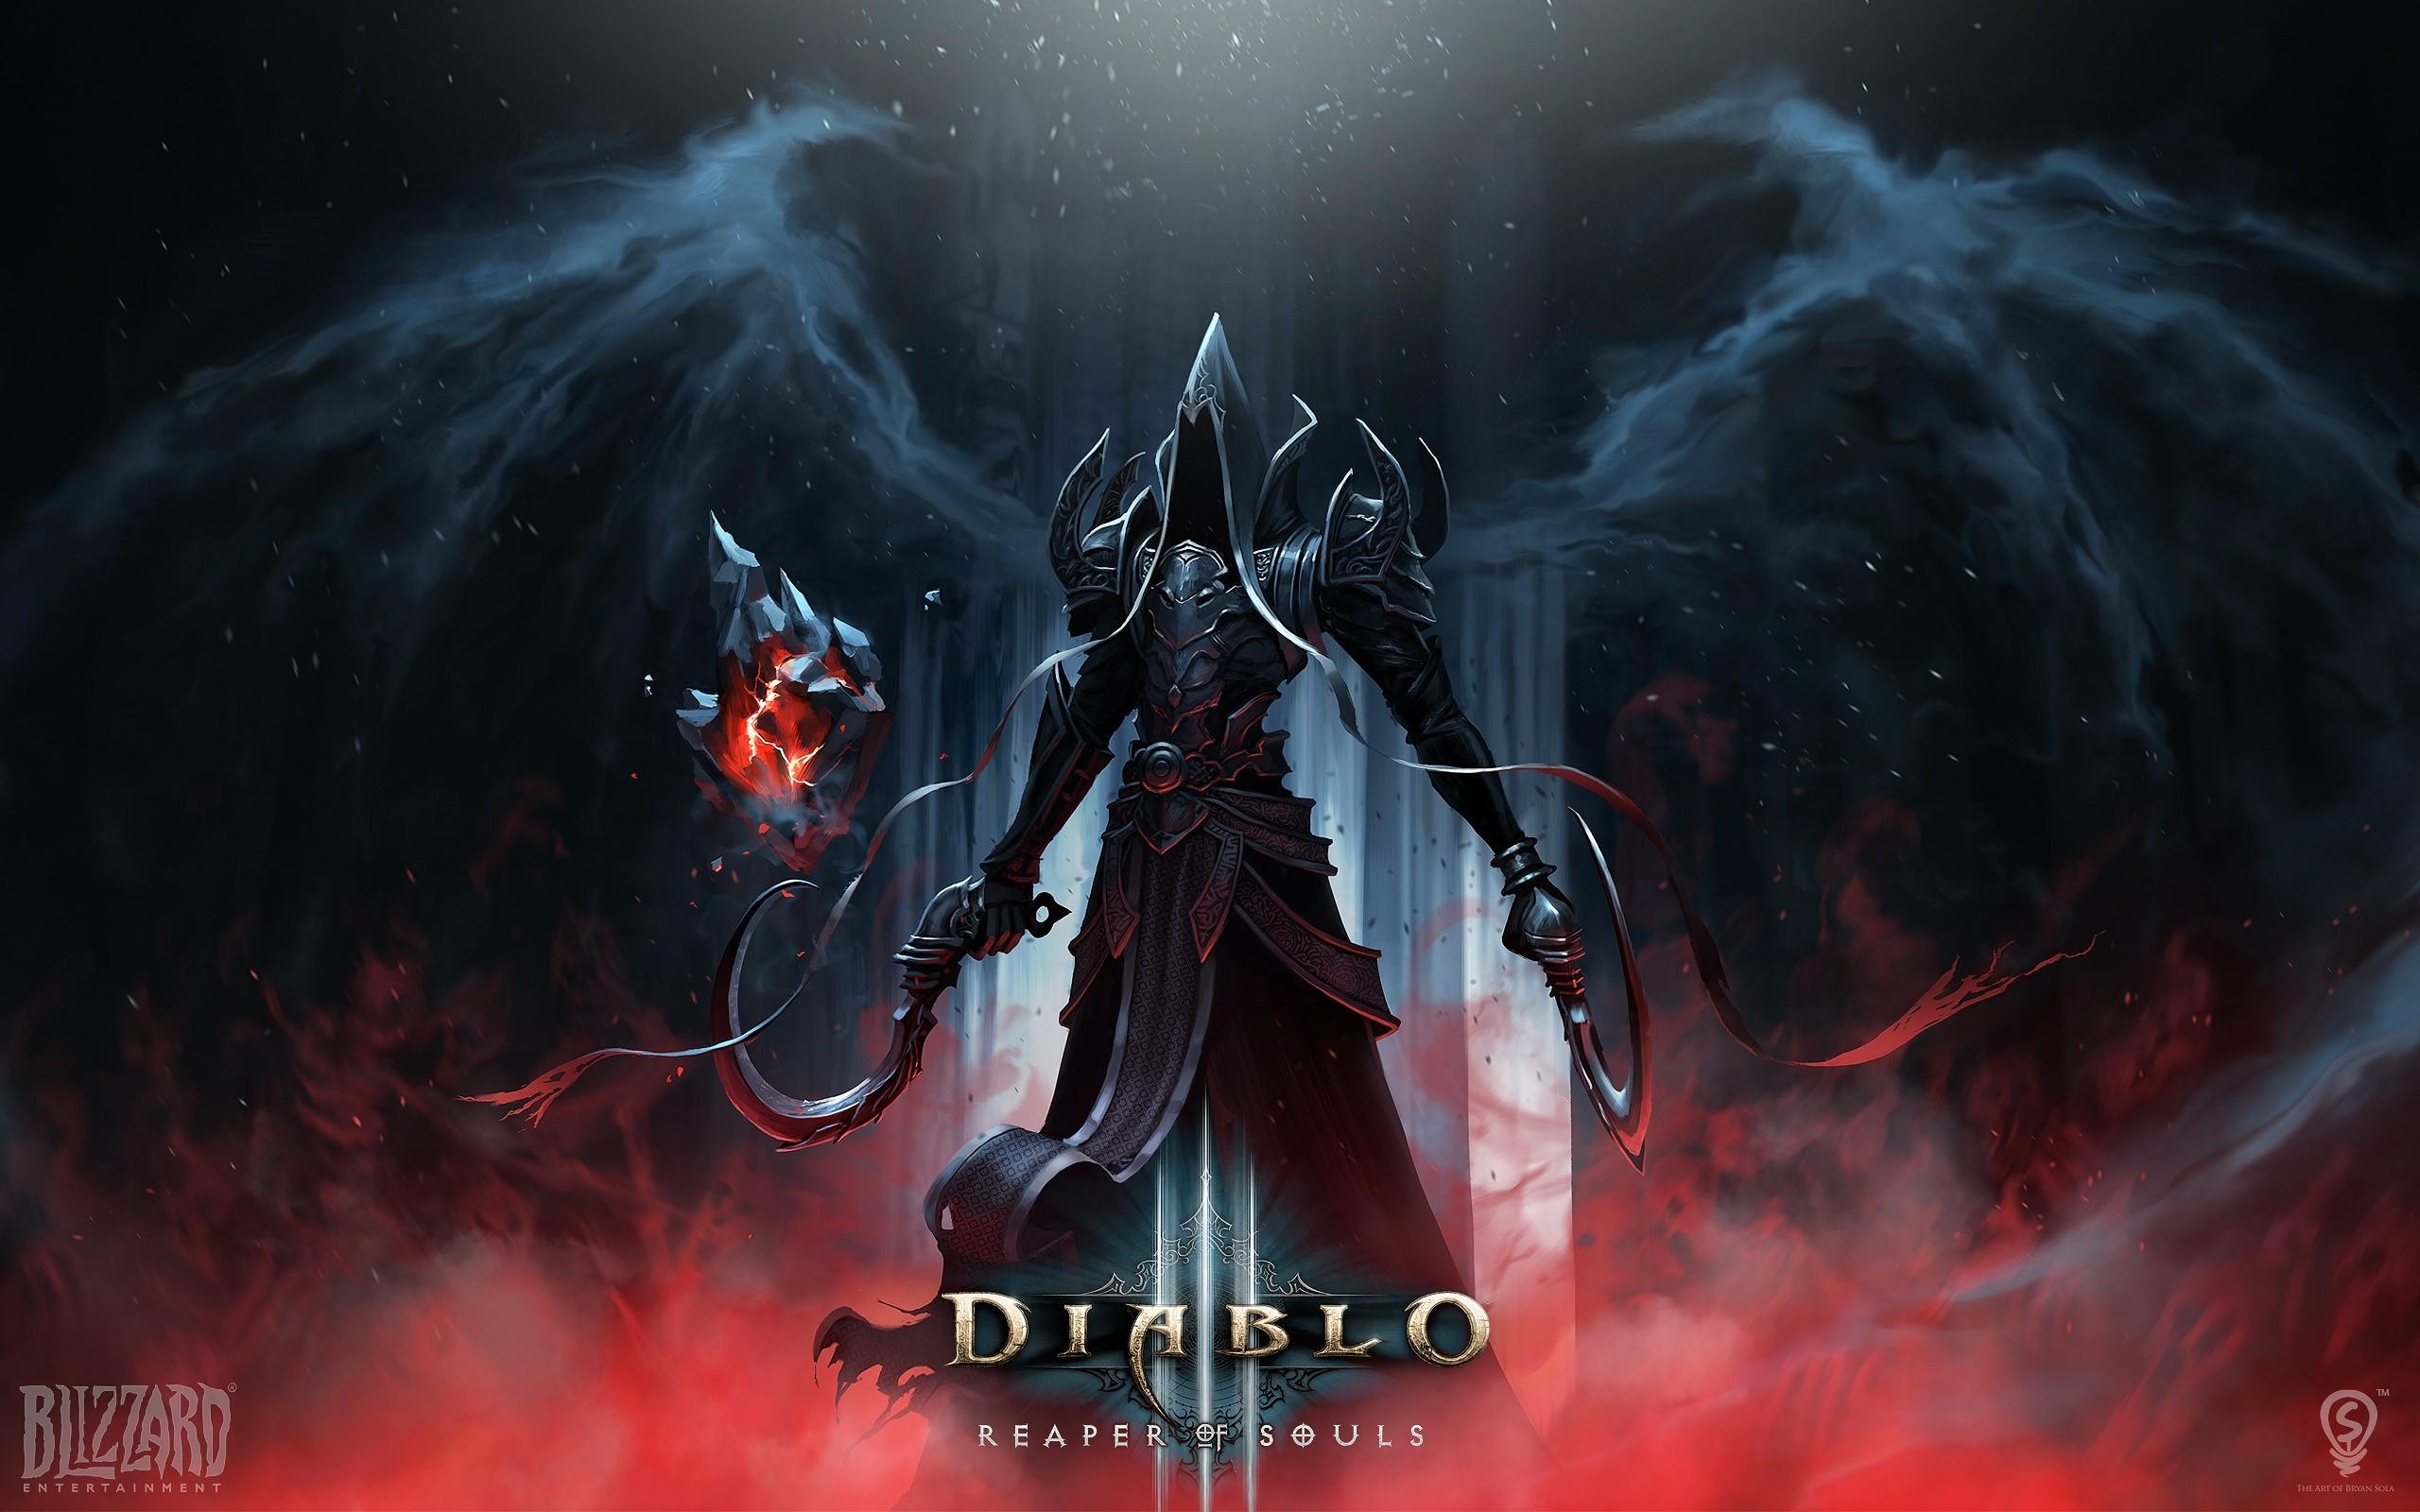 Fondos de pantalla Diablo 3 Reaper of souls